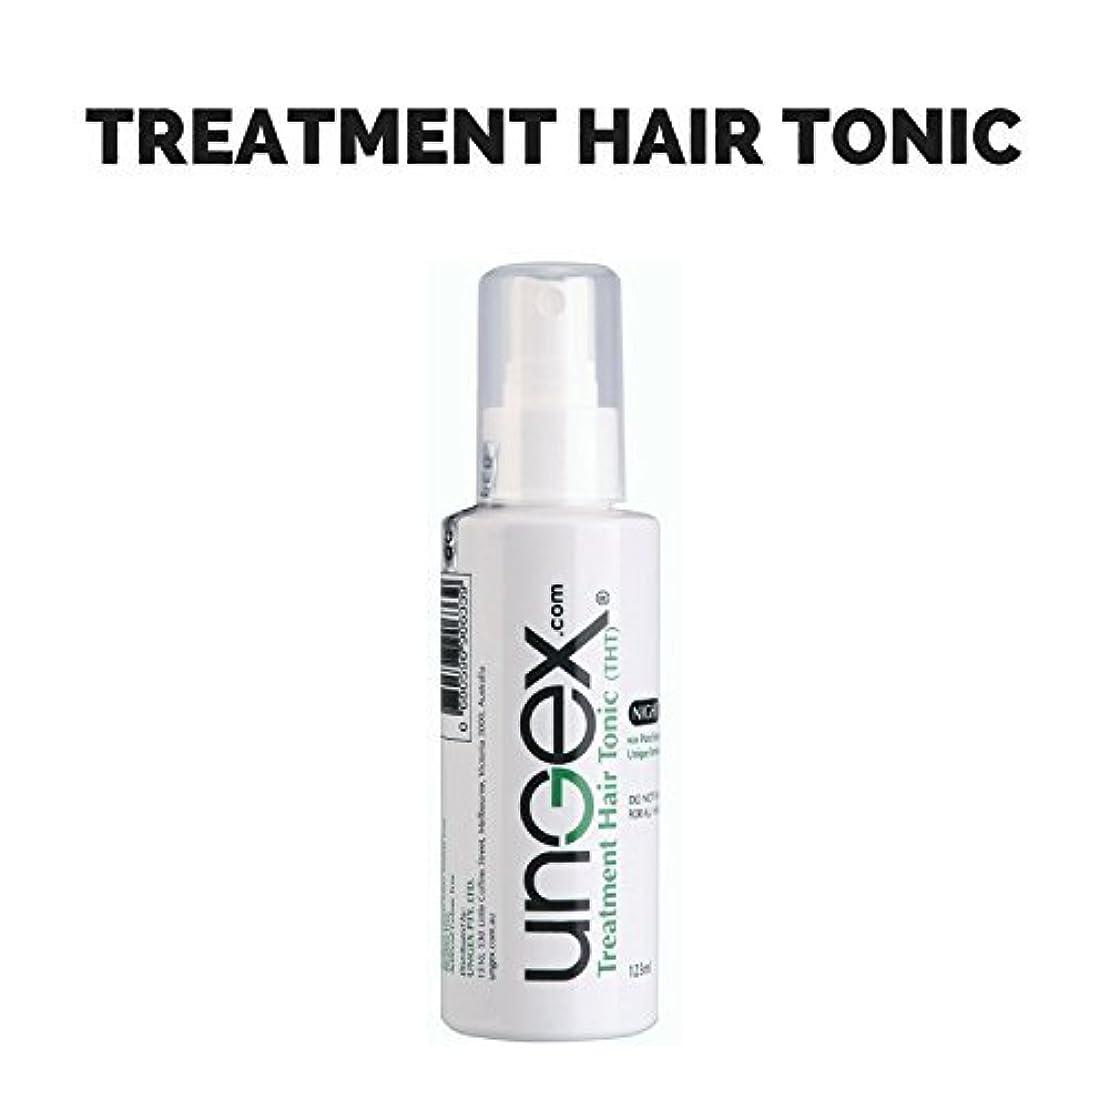 泣いているパキスタン残酷Treatment Hair Tonic - Protect Scalp and Soothe Itching from Demodex Mites